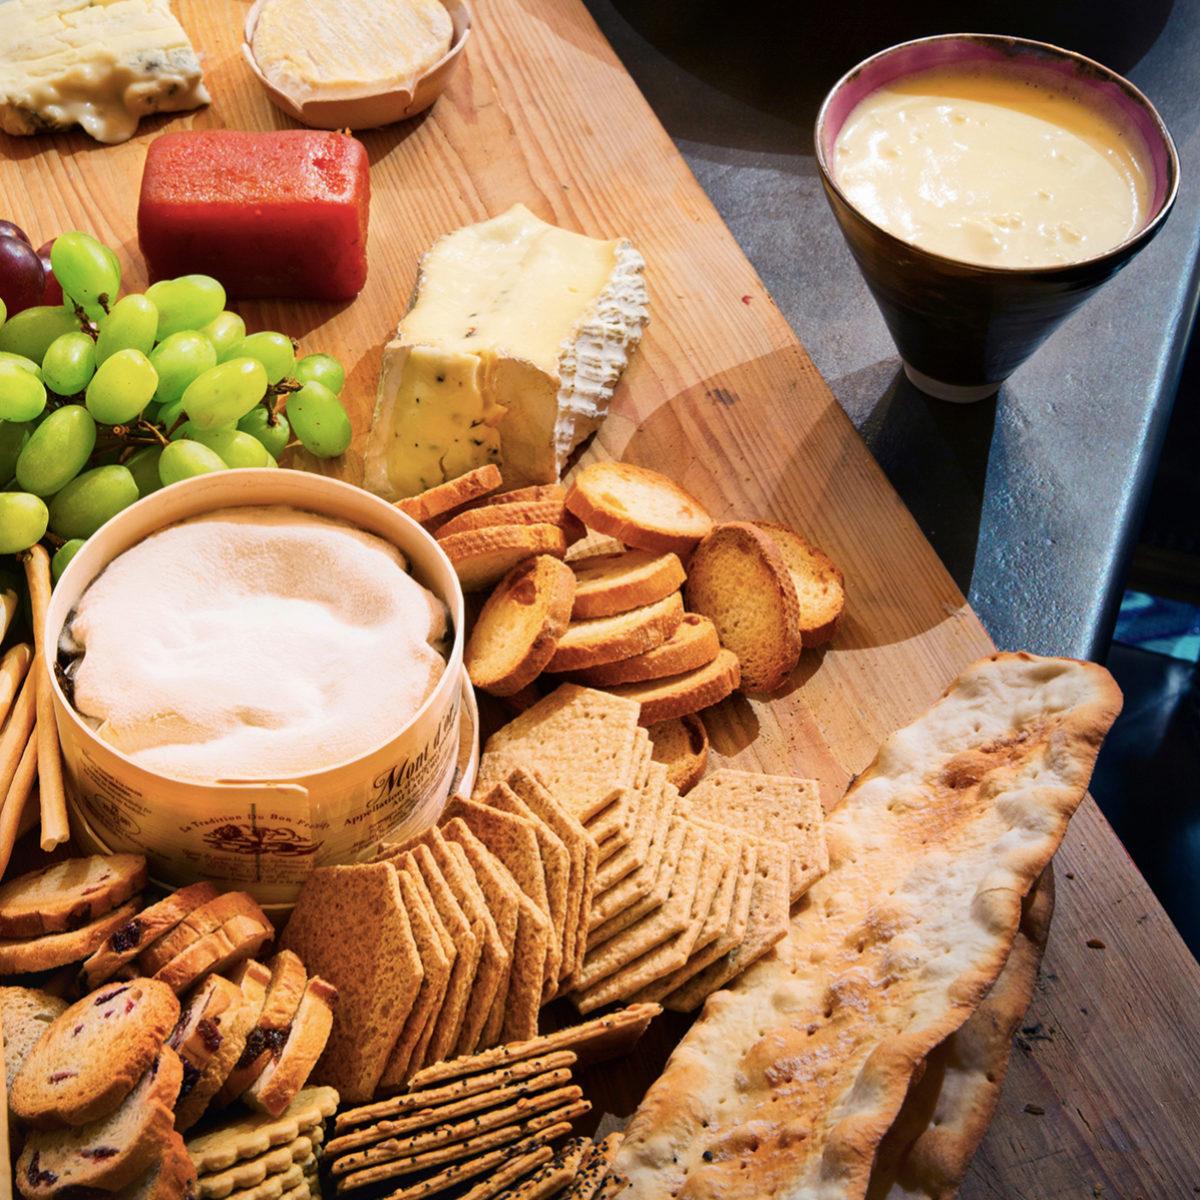 La salsa de queso se puede hacer ecológica.